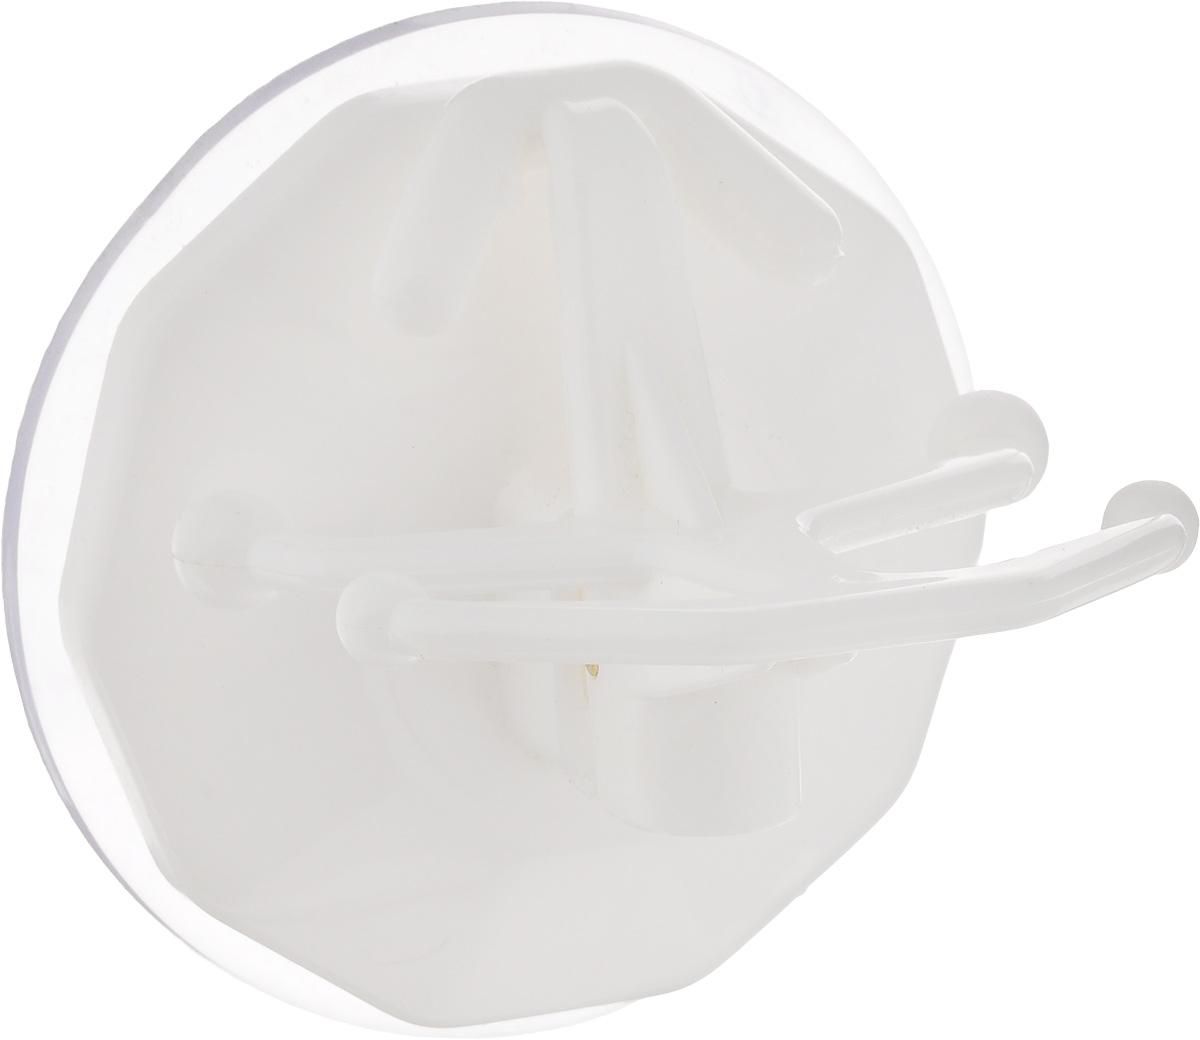 Вешалка настенная Gimi Bingo, на присоске, цвет: белый, 5 крючков1706050003000/белый/1706050003001Вешалка настенная Gimi Bingo, выполненная из пластика, станет отличным решением для прихожей, ванной или кухни. Вешалка имеет 5 крючков, на которые вы сможете повесить ваши вещи. Прочная присоска надежно крепится к стене и не оставляет разводов и пятен. Практичная настенная вешалка поможет организовать пространство в вашем доме. Особенности вешалки: - успешно работает в интервале температур от -20°С до +60°С; - выдерживает нагрузку до 20 кг; - может служить годами, не требуя перевешивания; - без усилий снимается и перевешивается на новое место.